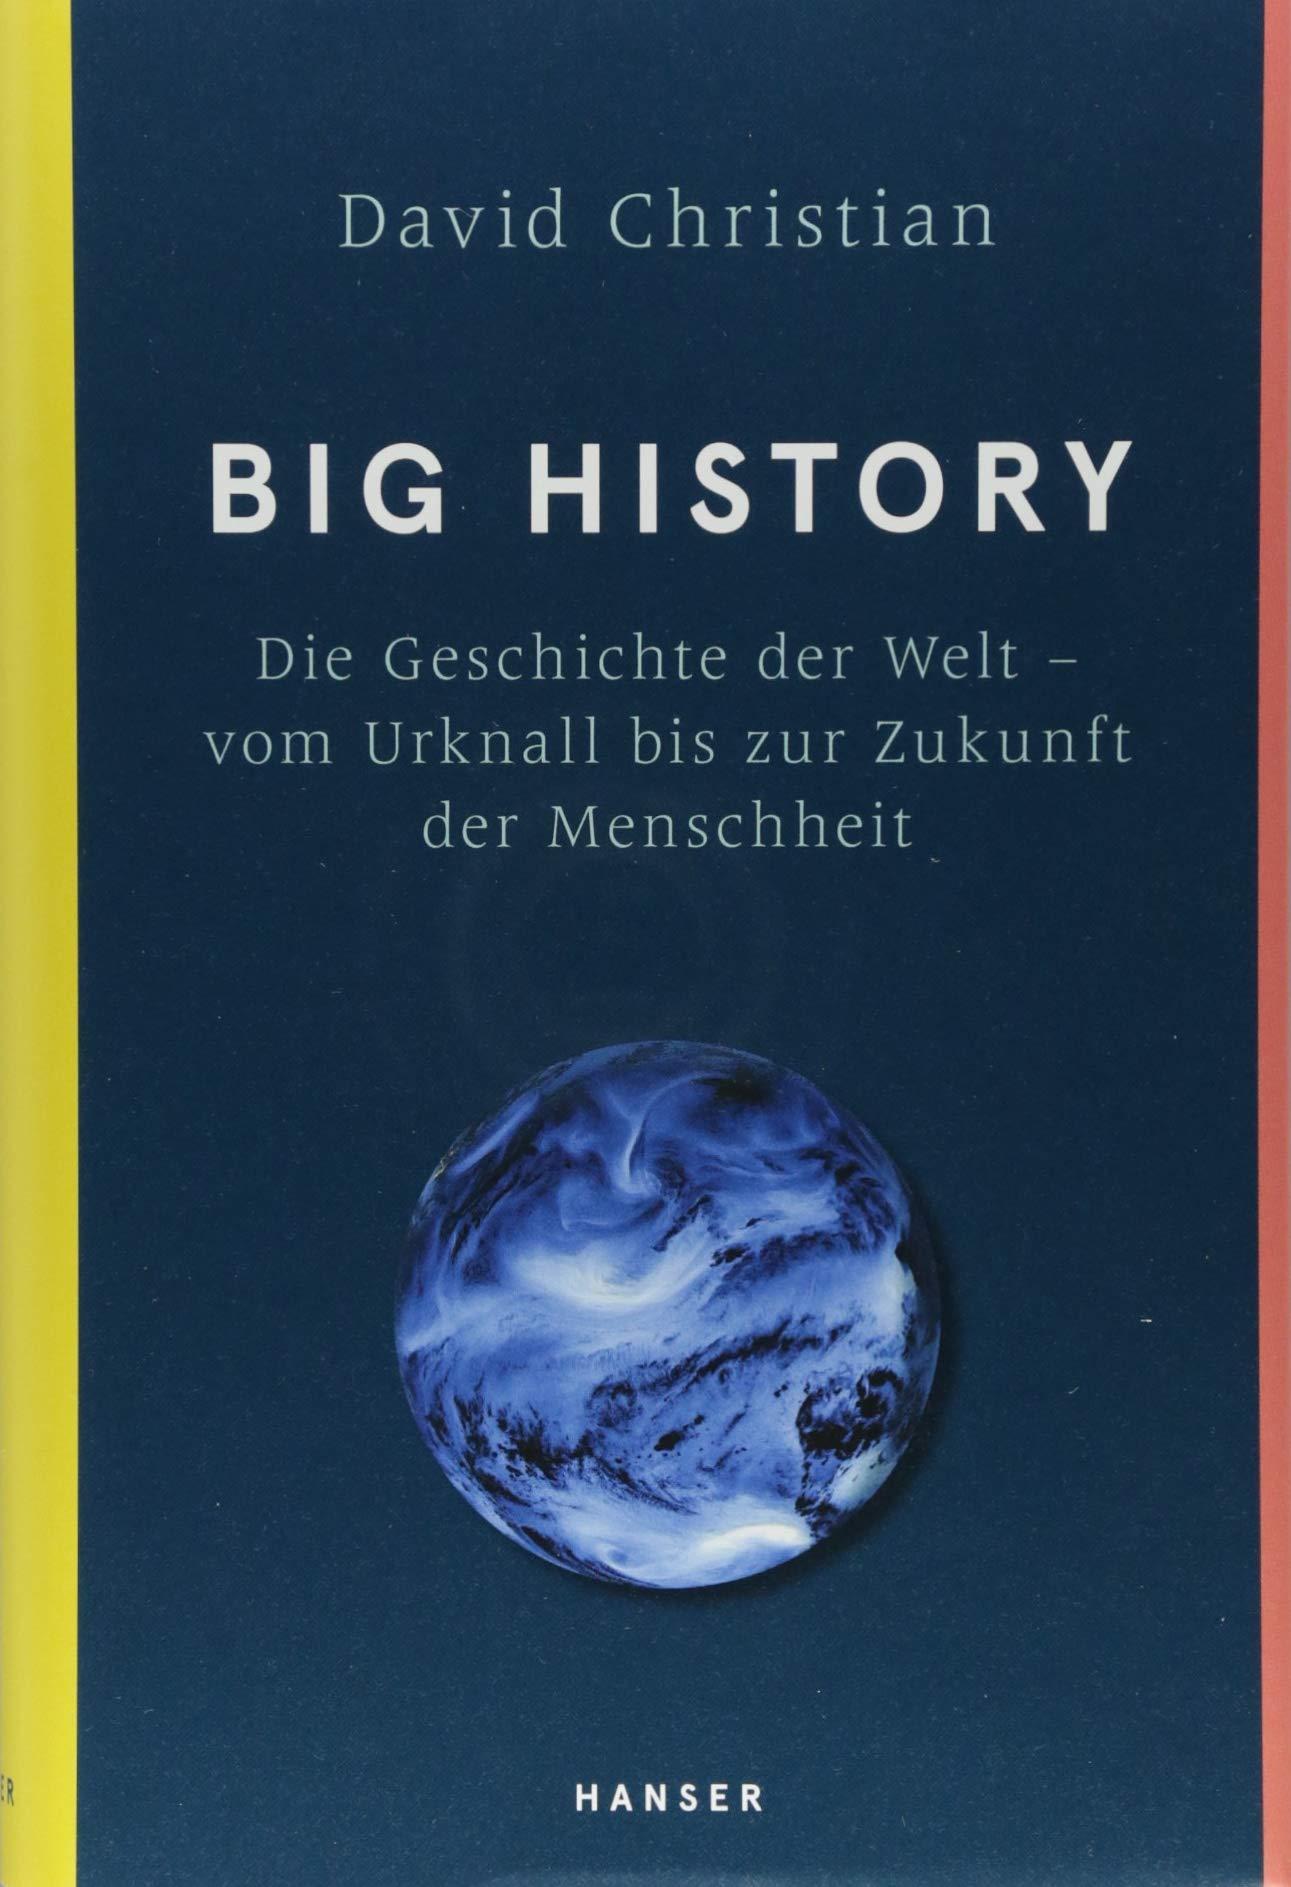 Big History: Die Geschichte der Welt - vom Urknall bis zur Zukunft der Menschheit